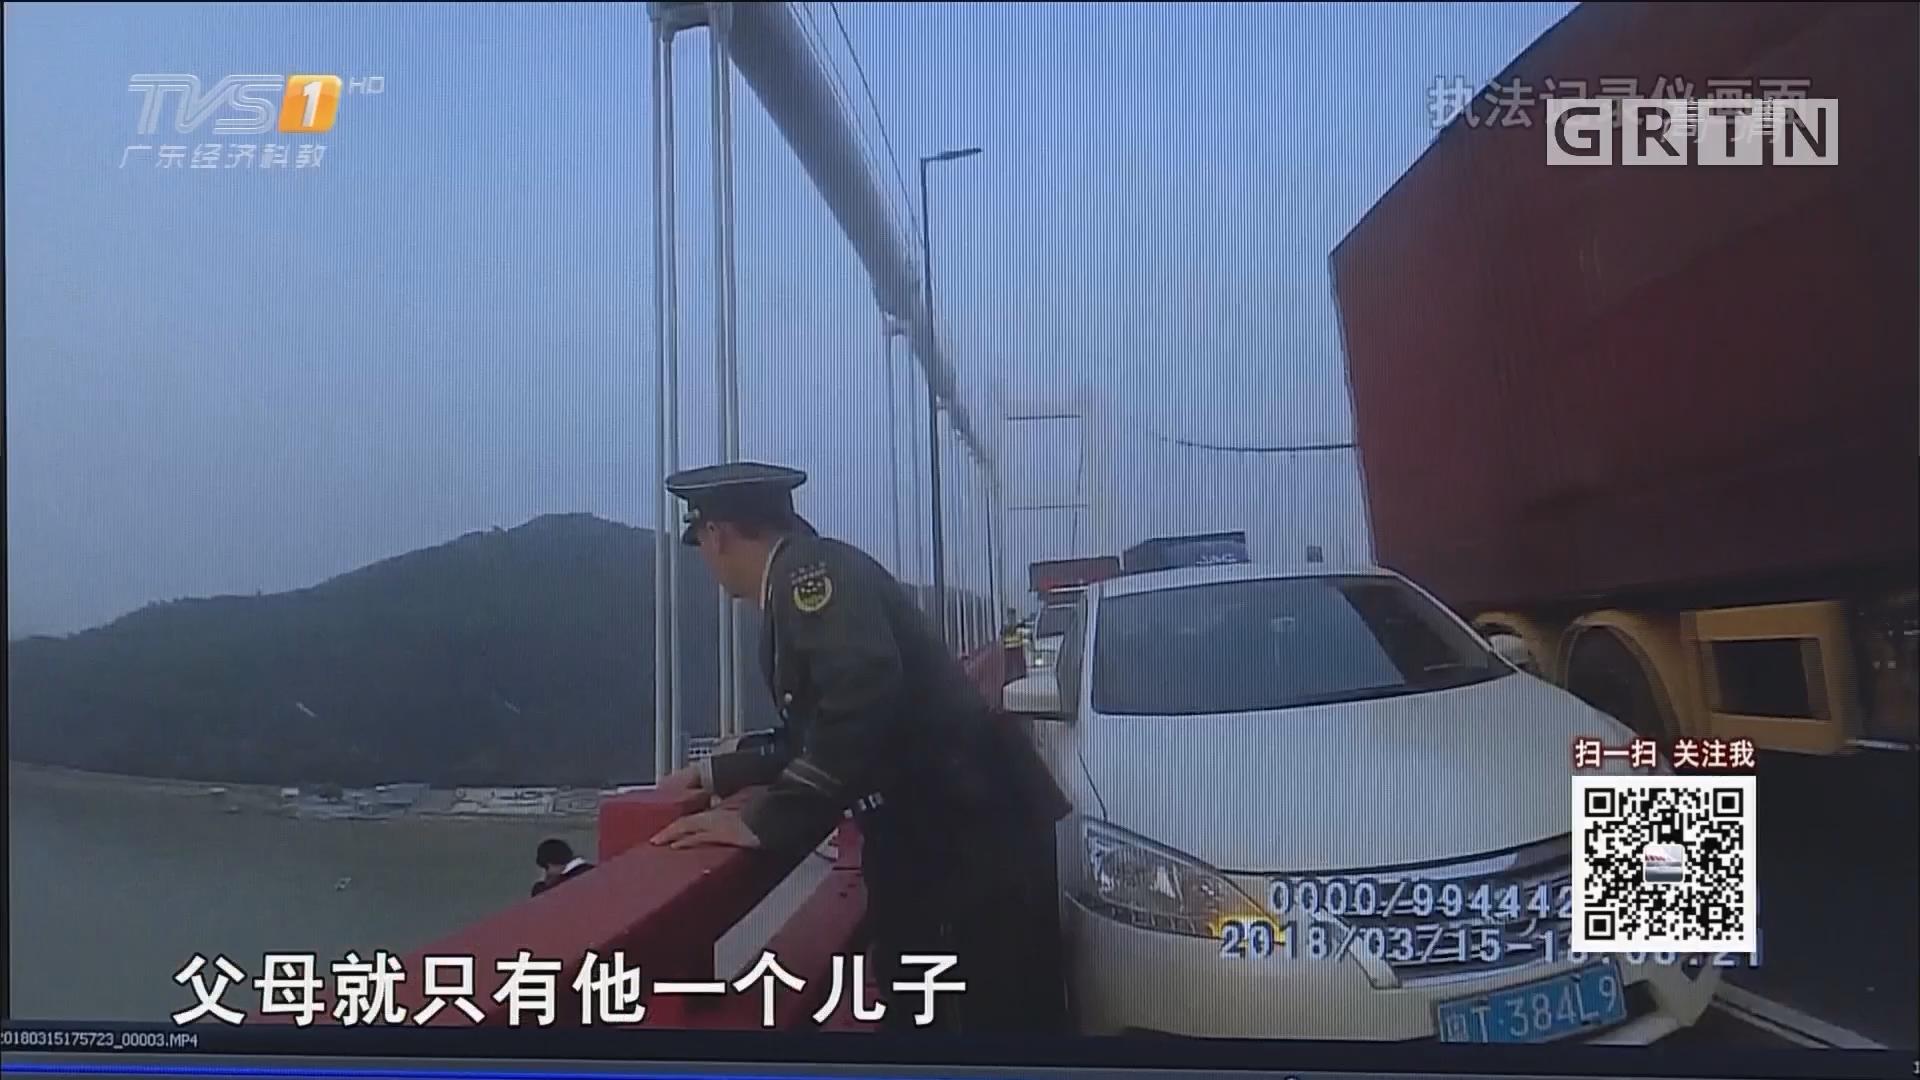 虎门大桥发生惊险一幕 民警救下轻生男子